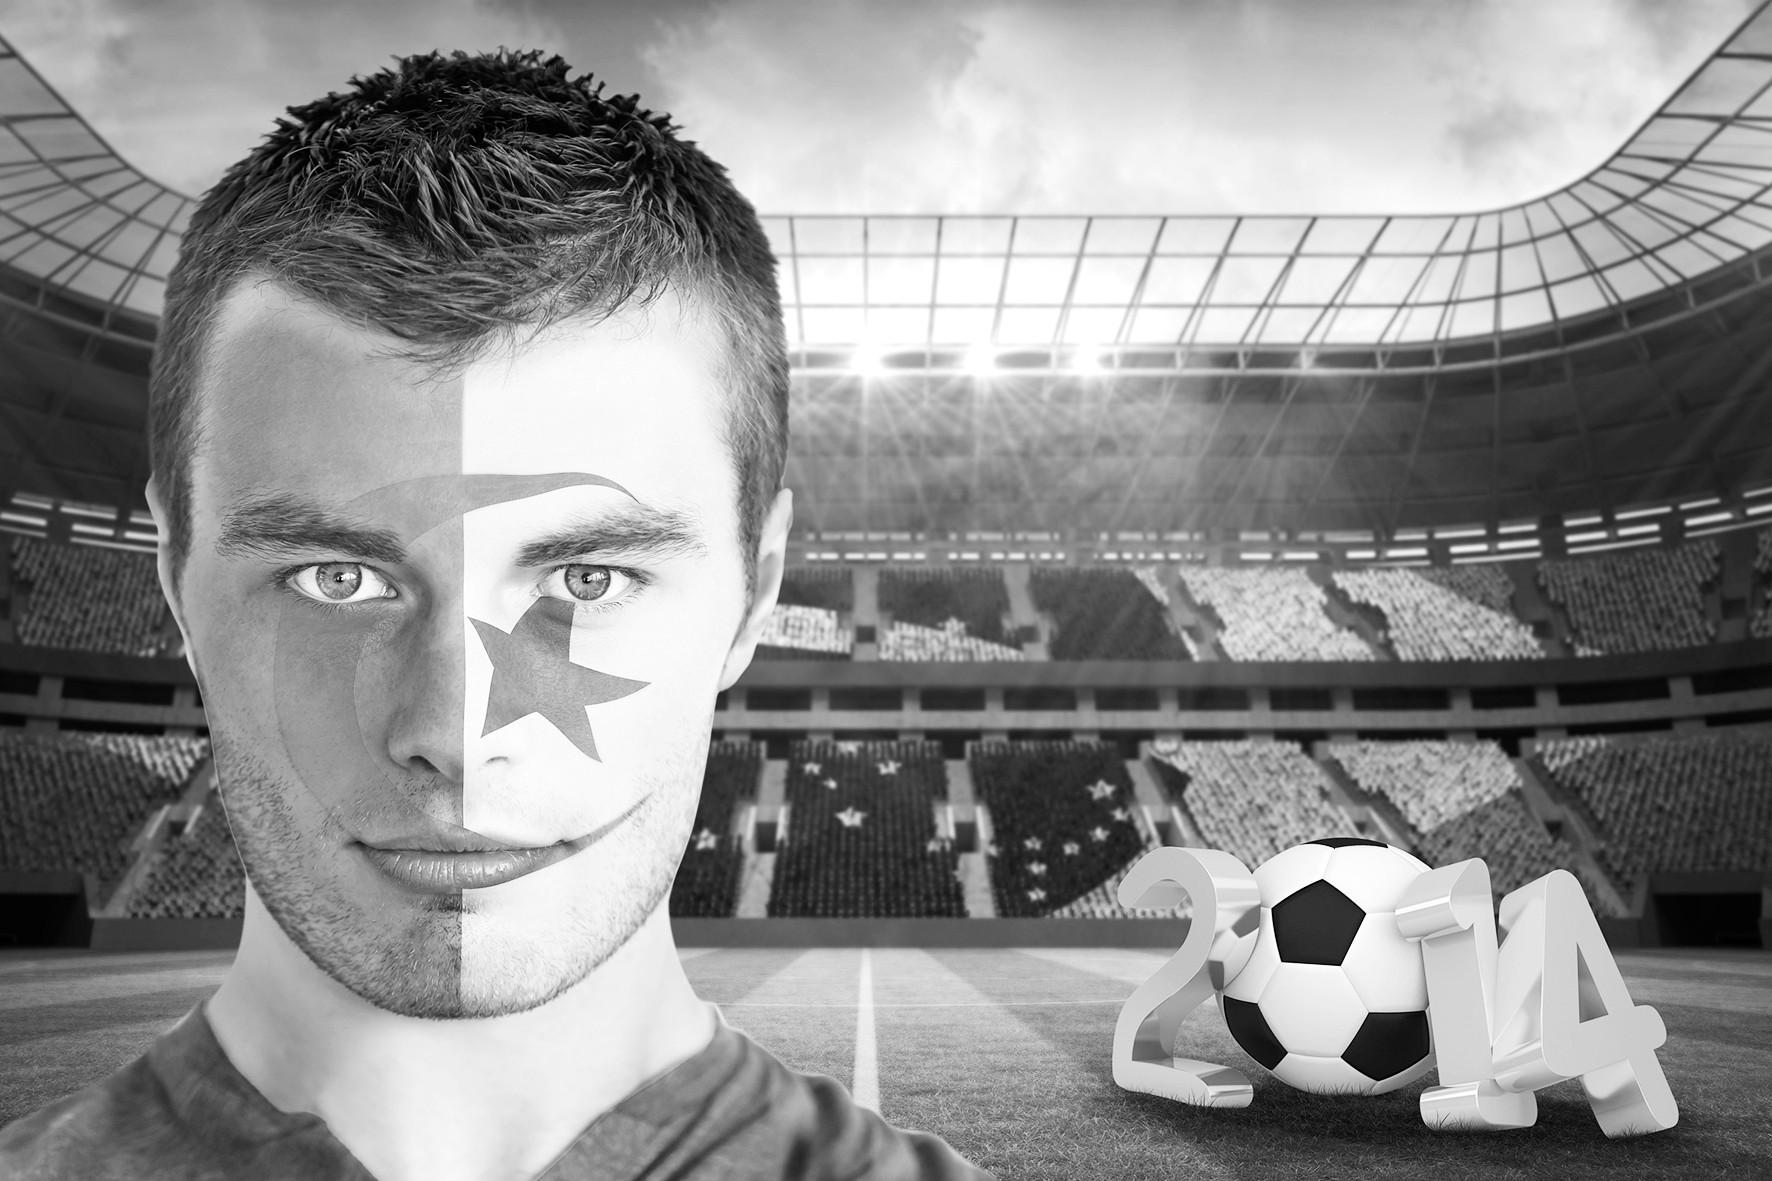 阿尔及利亚 食物+足球=生活